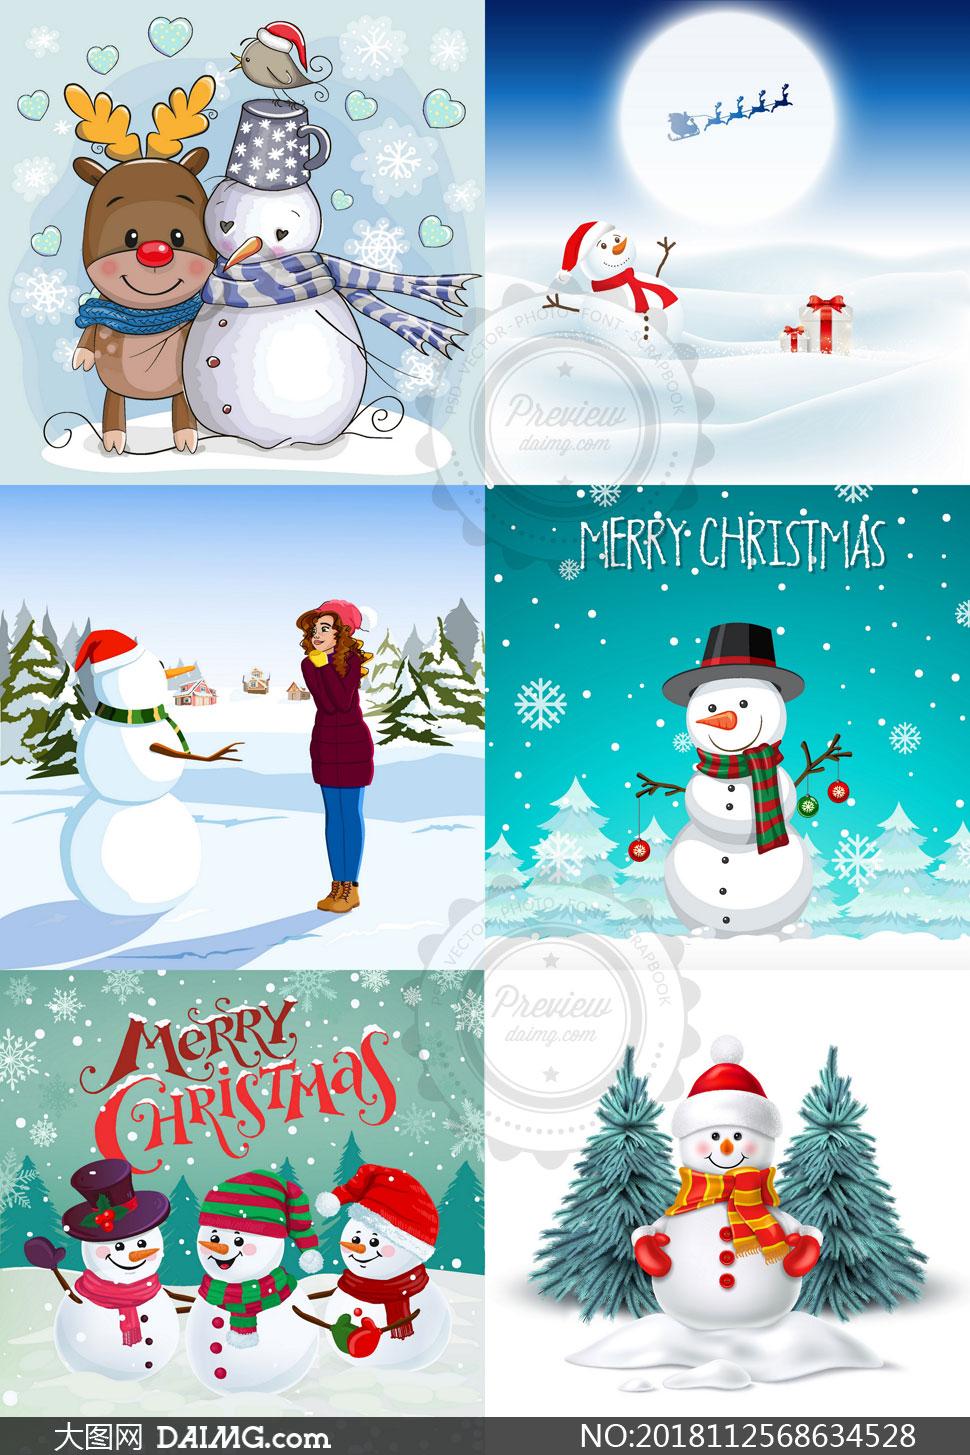 寒冷冬季卡通雪人创意设计矢量素材